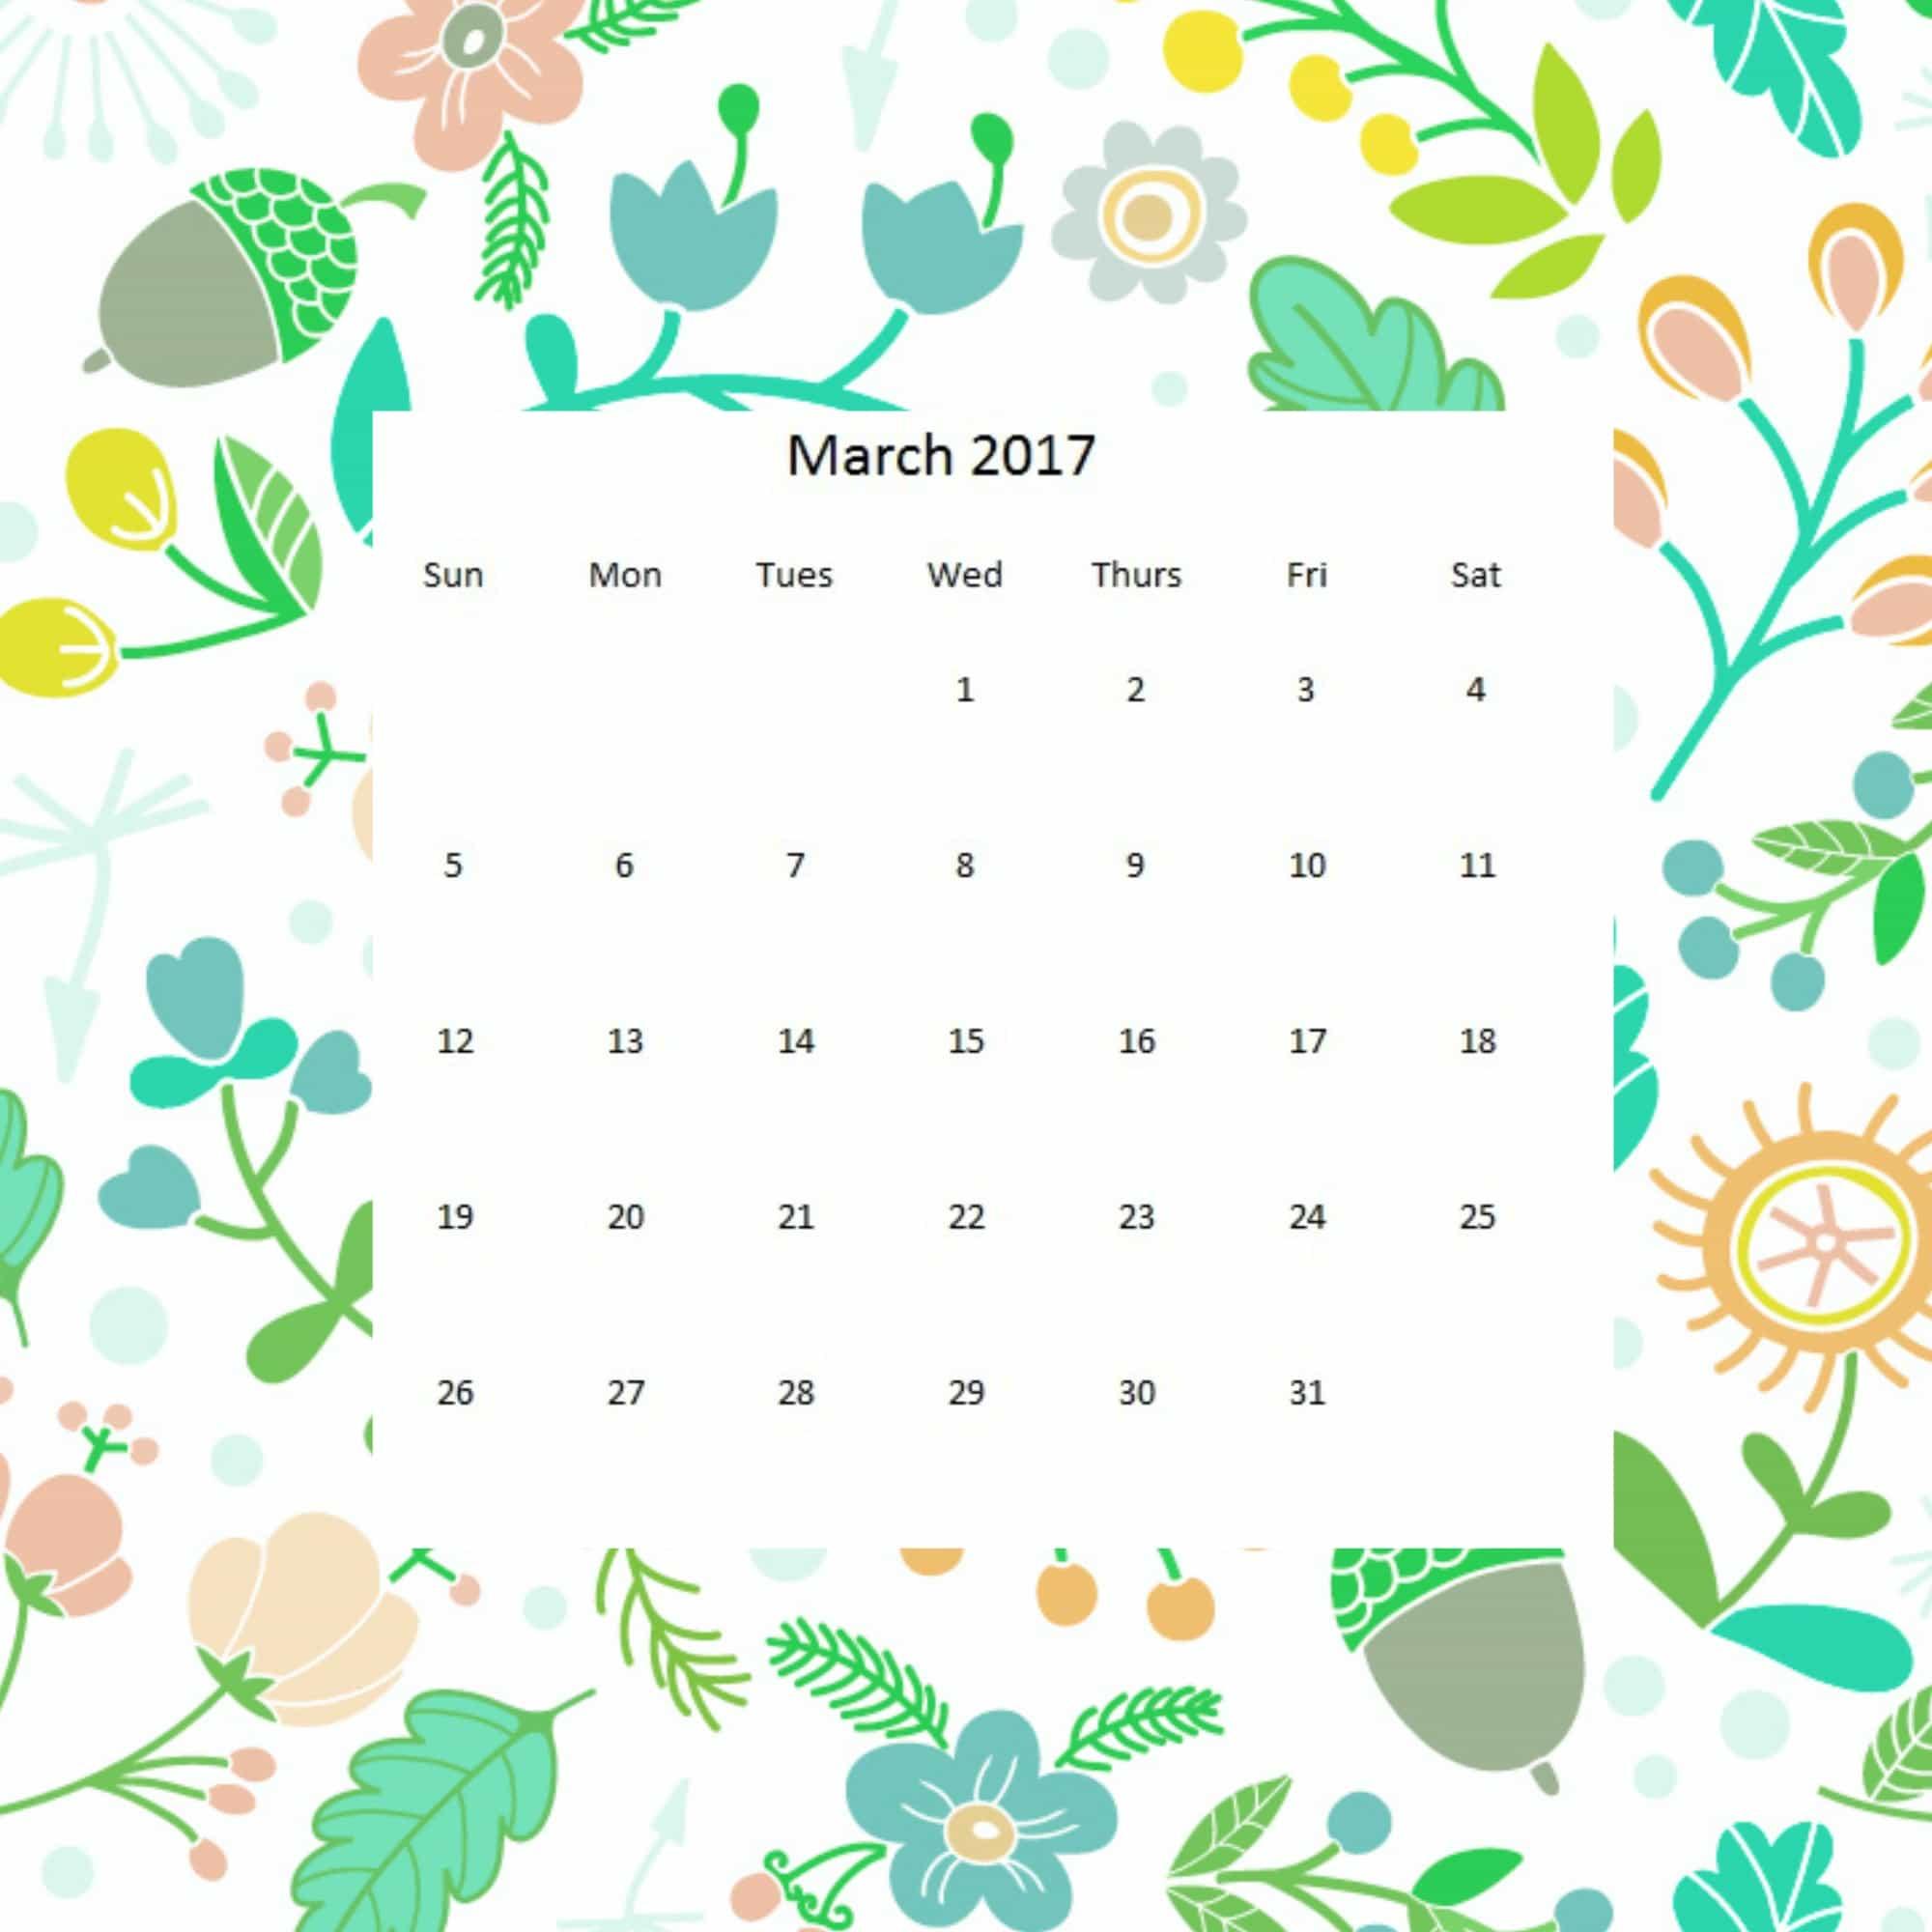 Calendar March 2017 Clipart – 2017 March Calendar